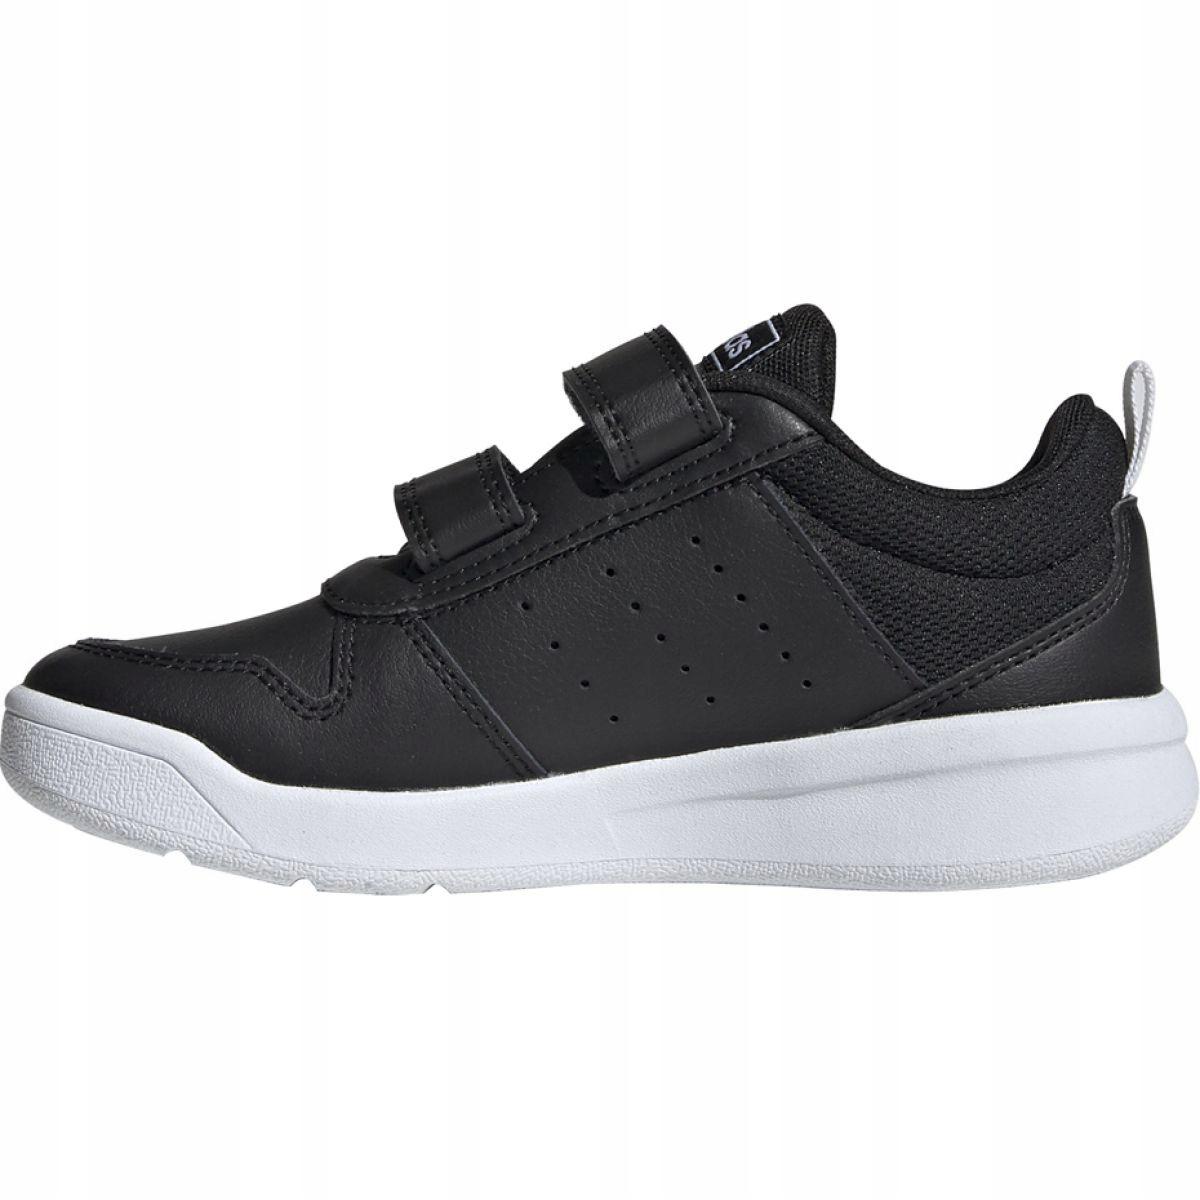 JrEf1092 Negro Zapatillas C Adidas Tensaur ymnOv8N0w